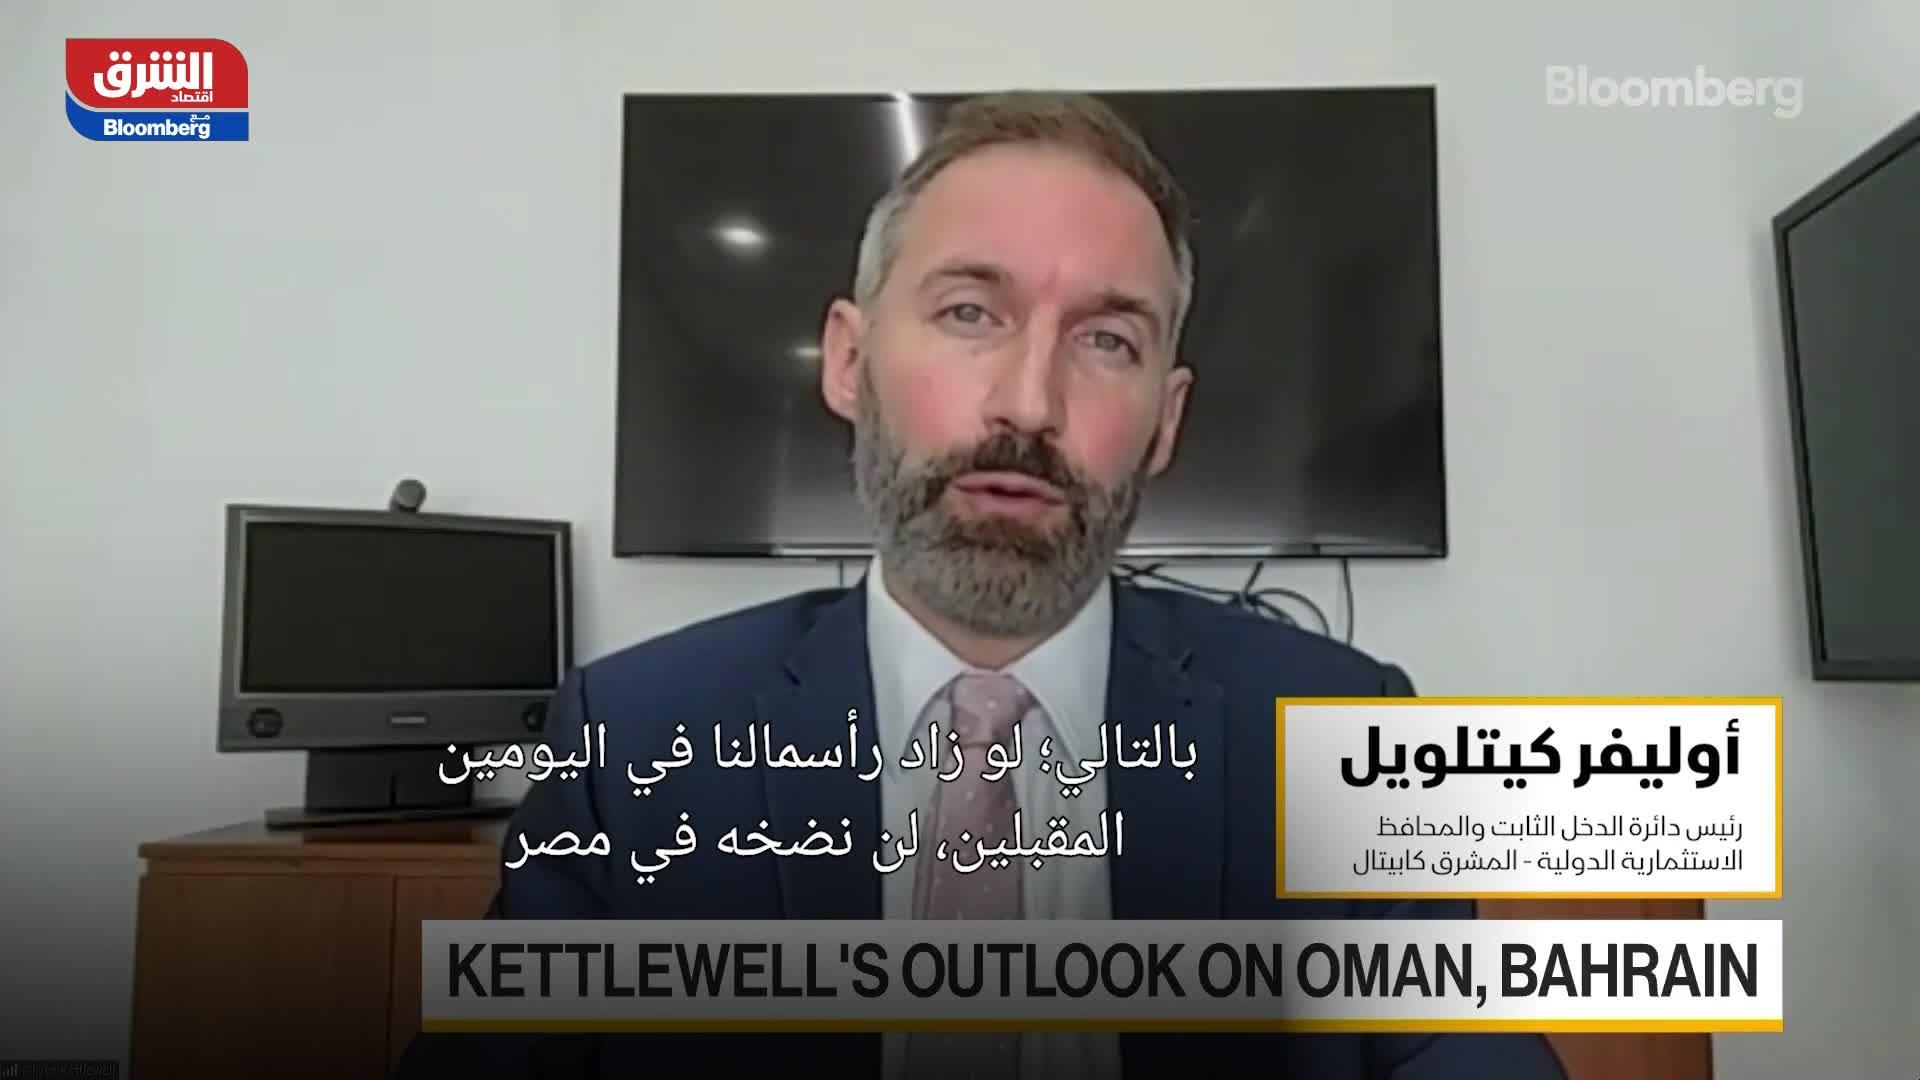 المشرق كابيتال: أسعار السندات الإماراتية أعلى من منحنى عائد أبو ظبي 